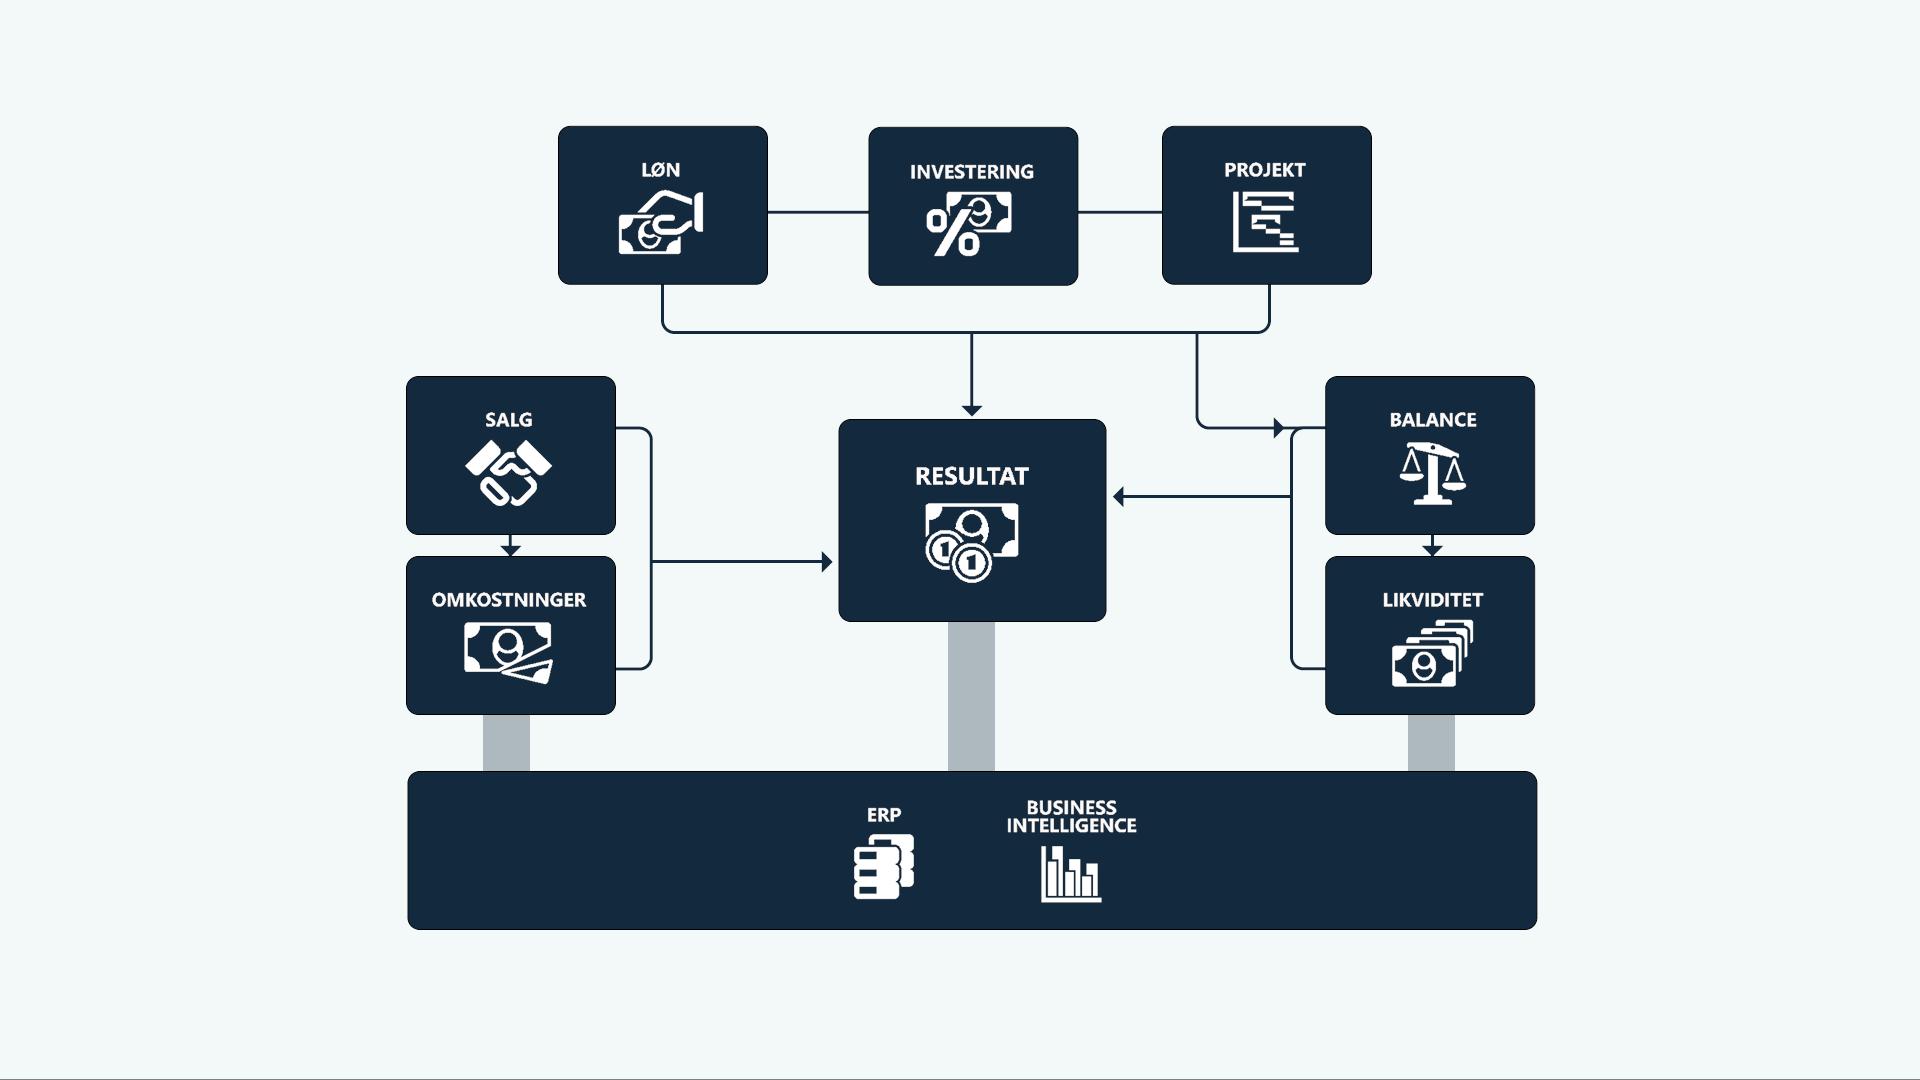 InfoSuite understøtter alle budgetter i en sammenhængende proces